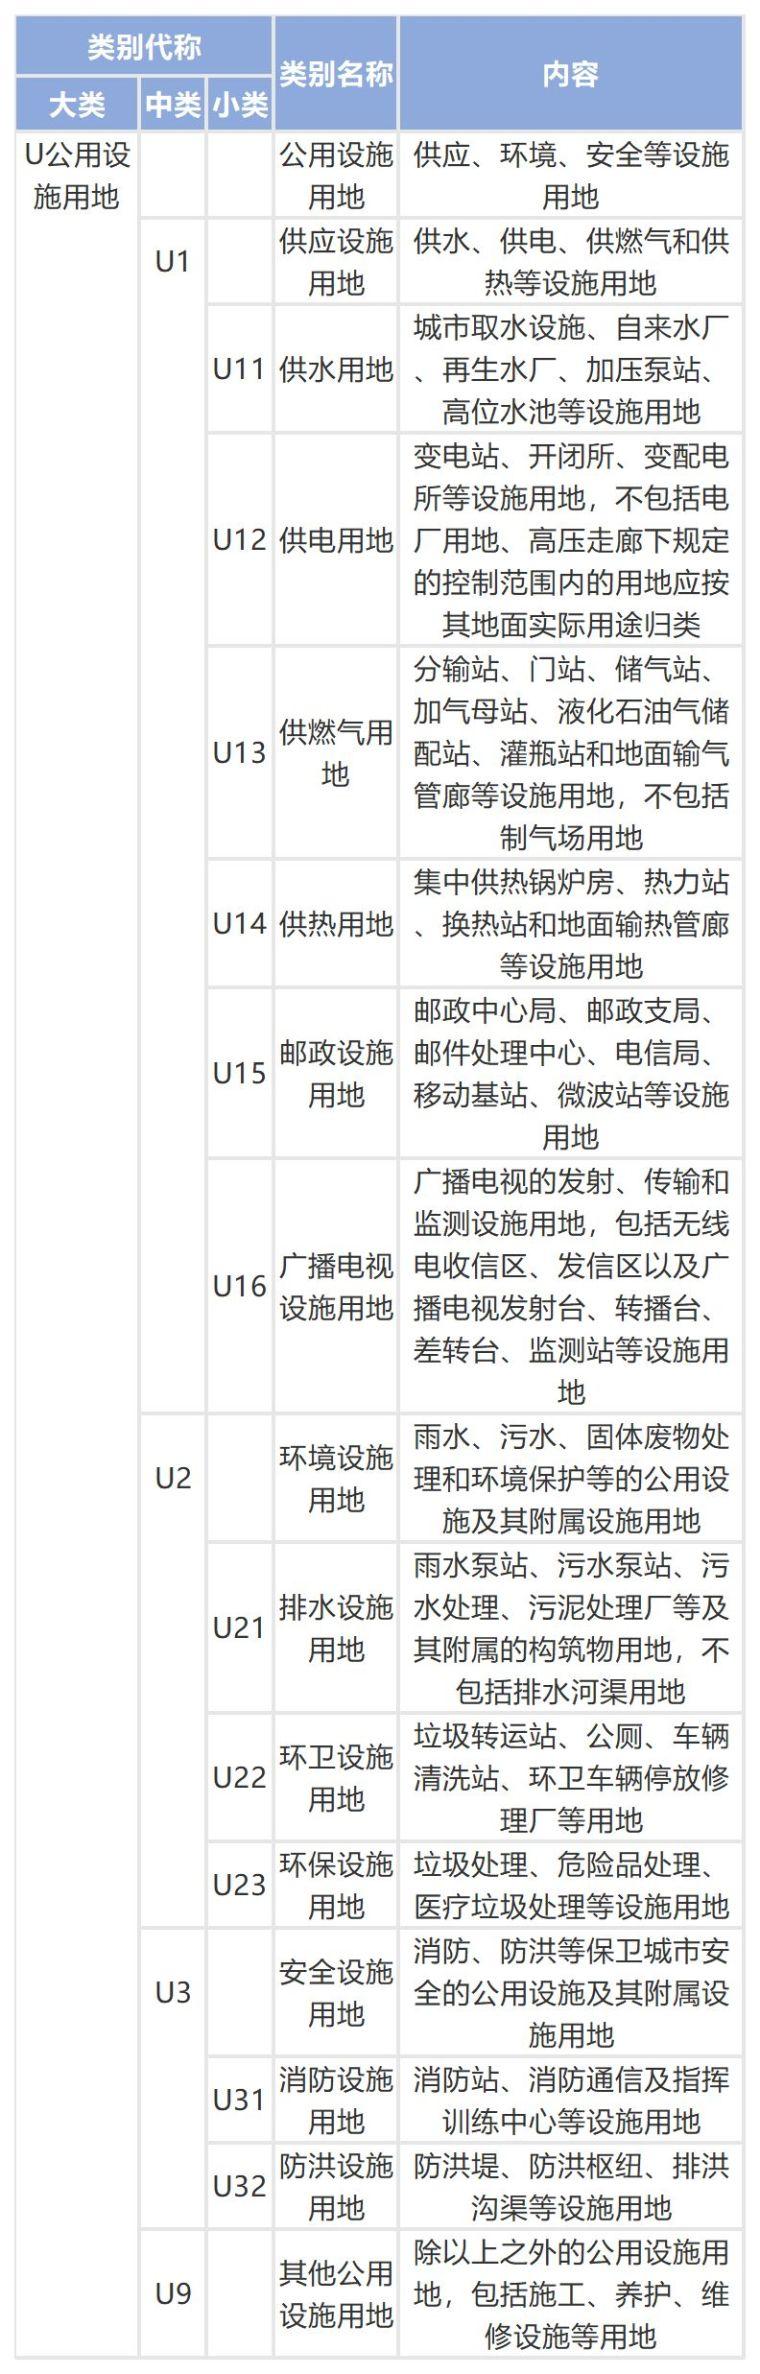 城乡用地与城市建设用地分类标准_9